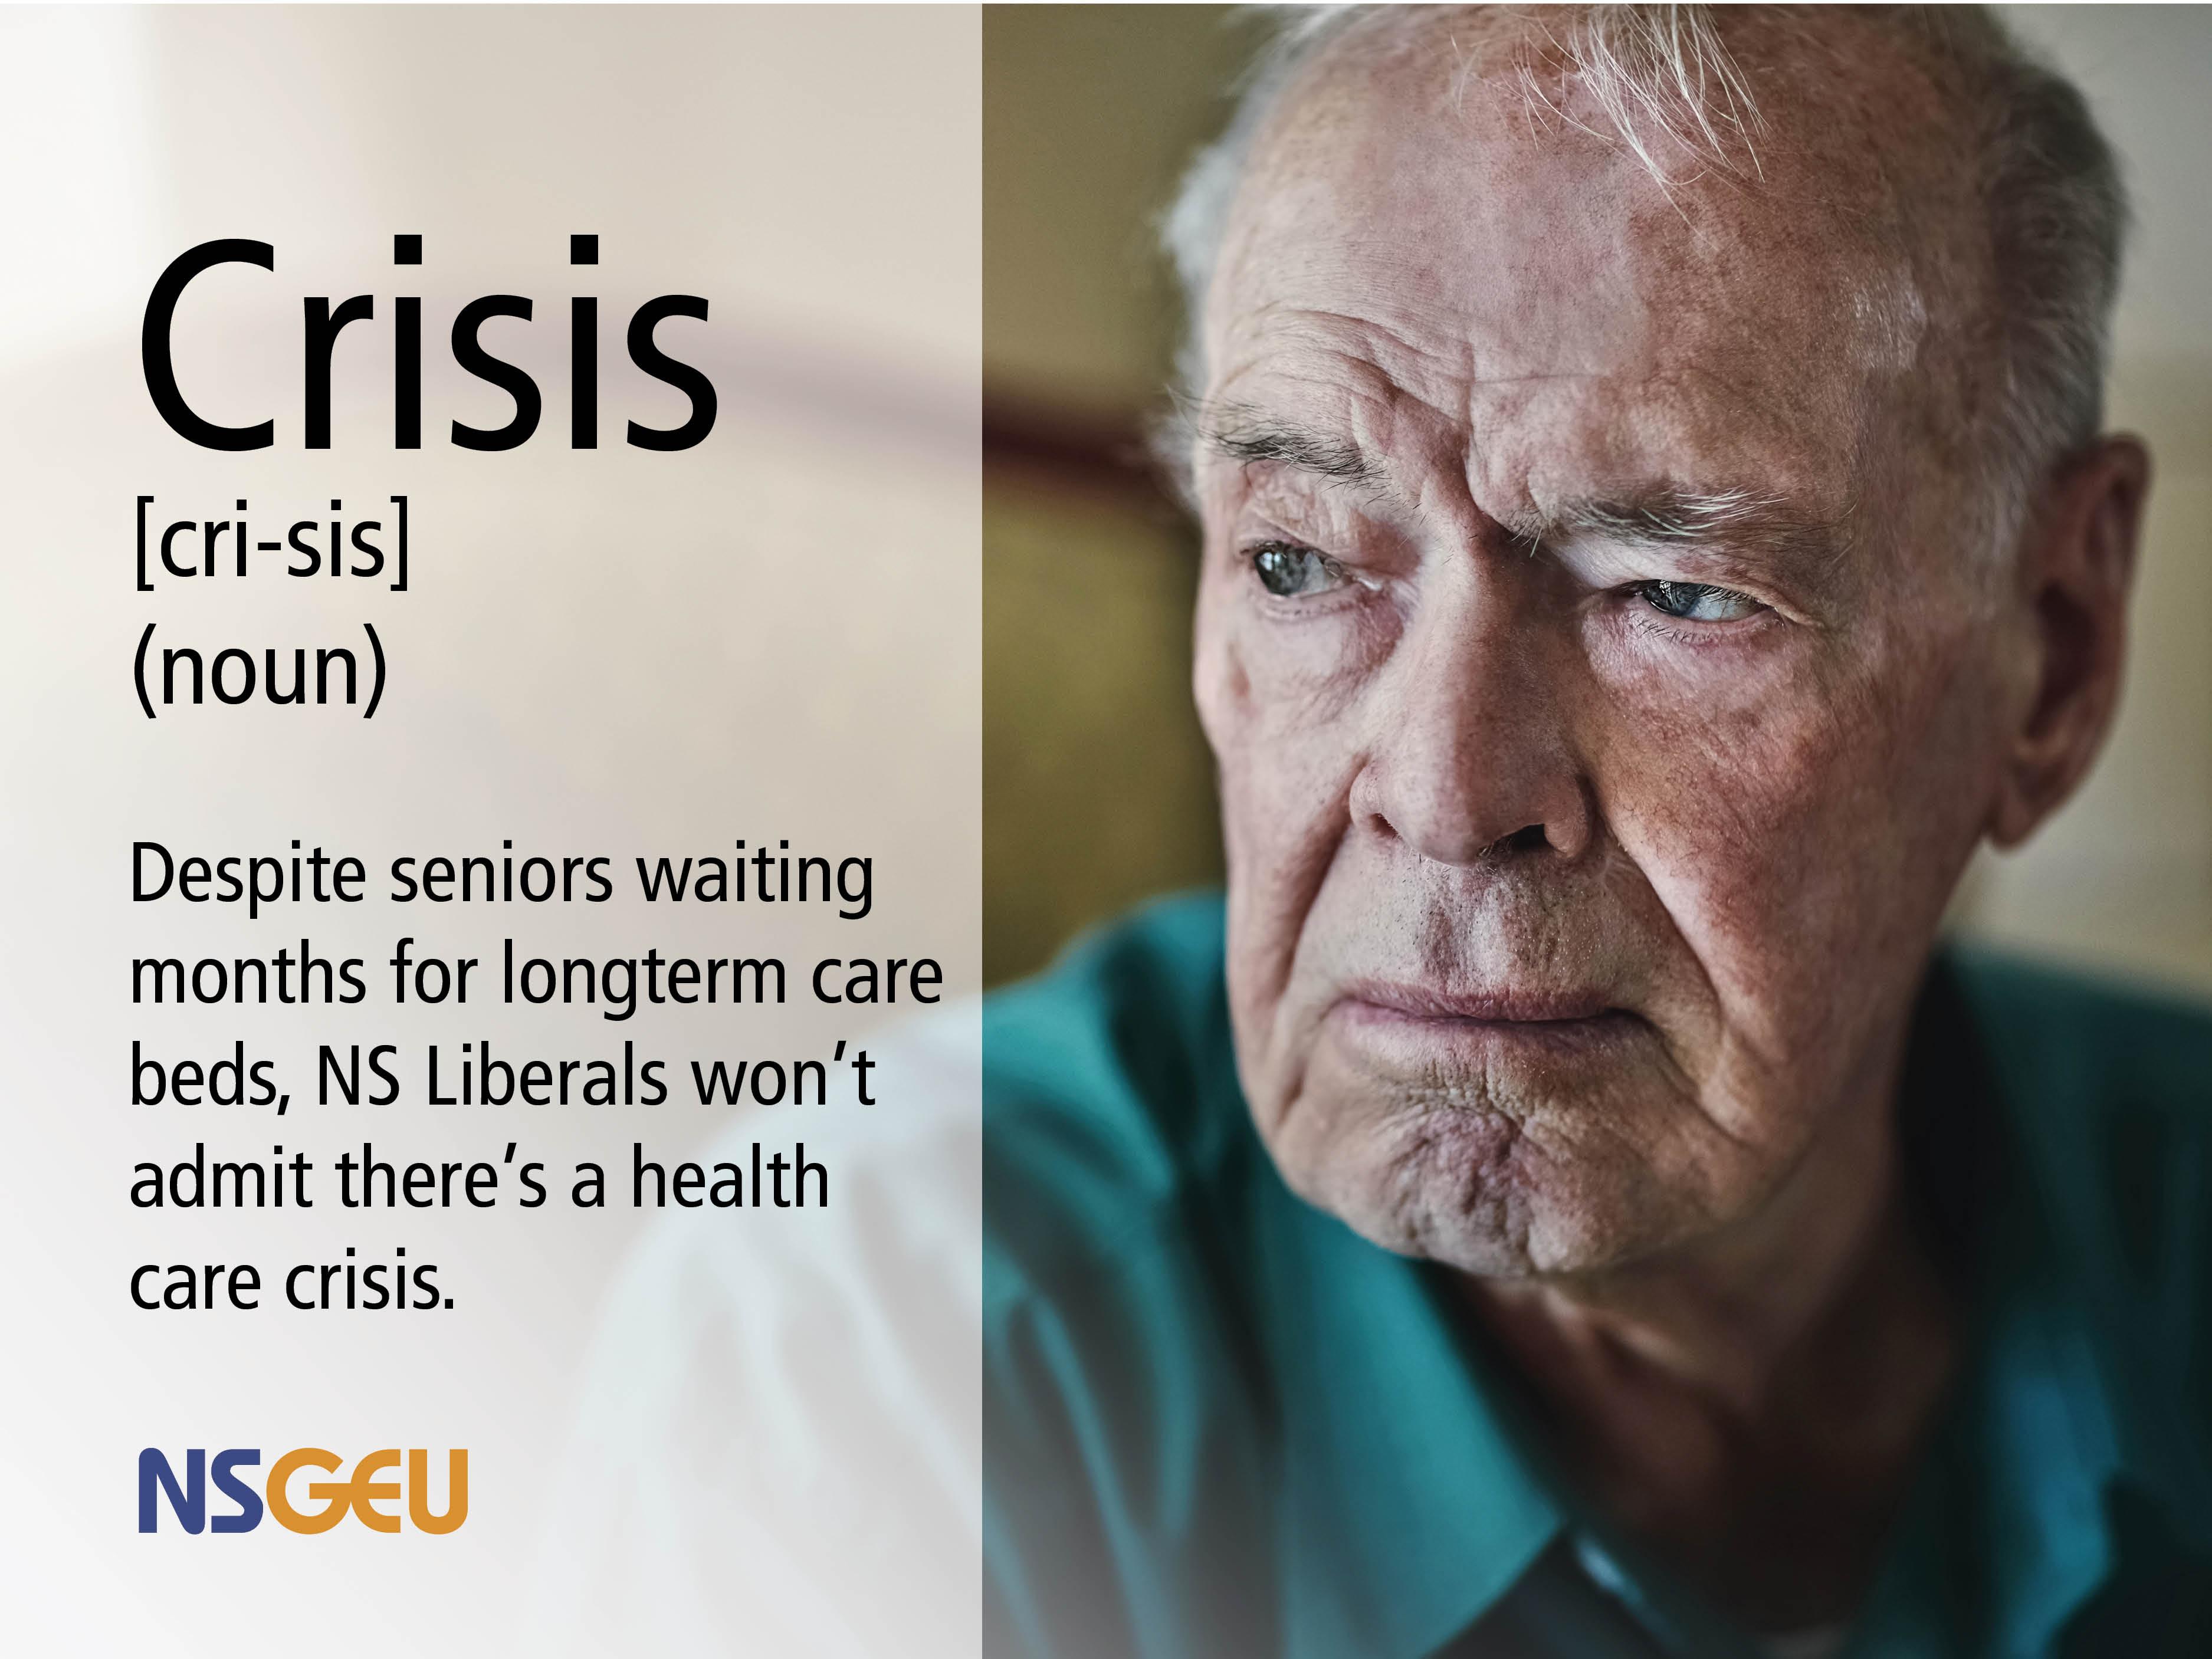 HealthCrisis